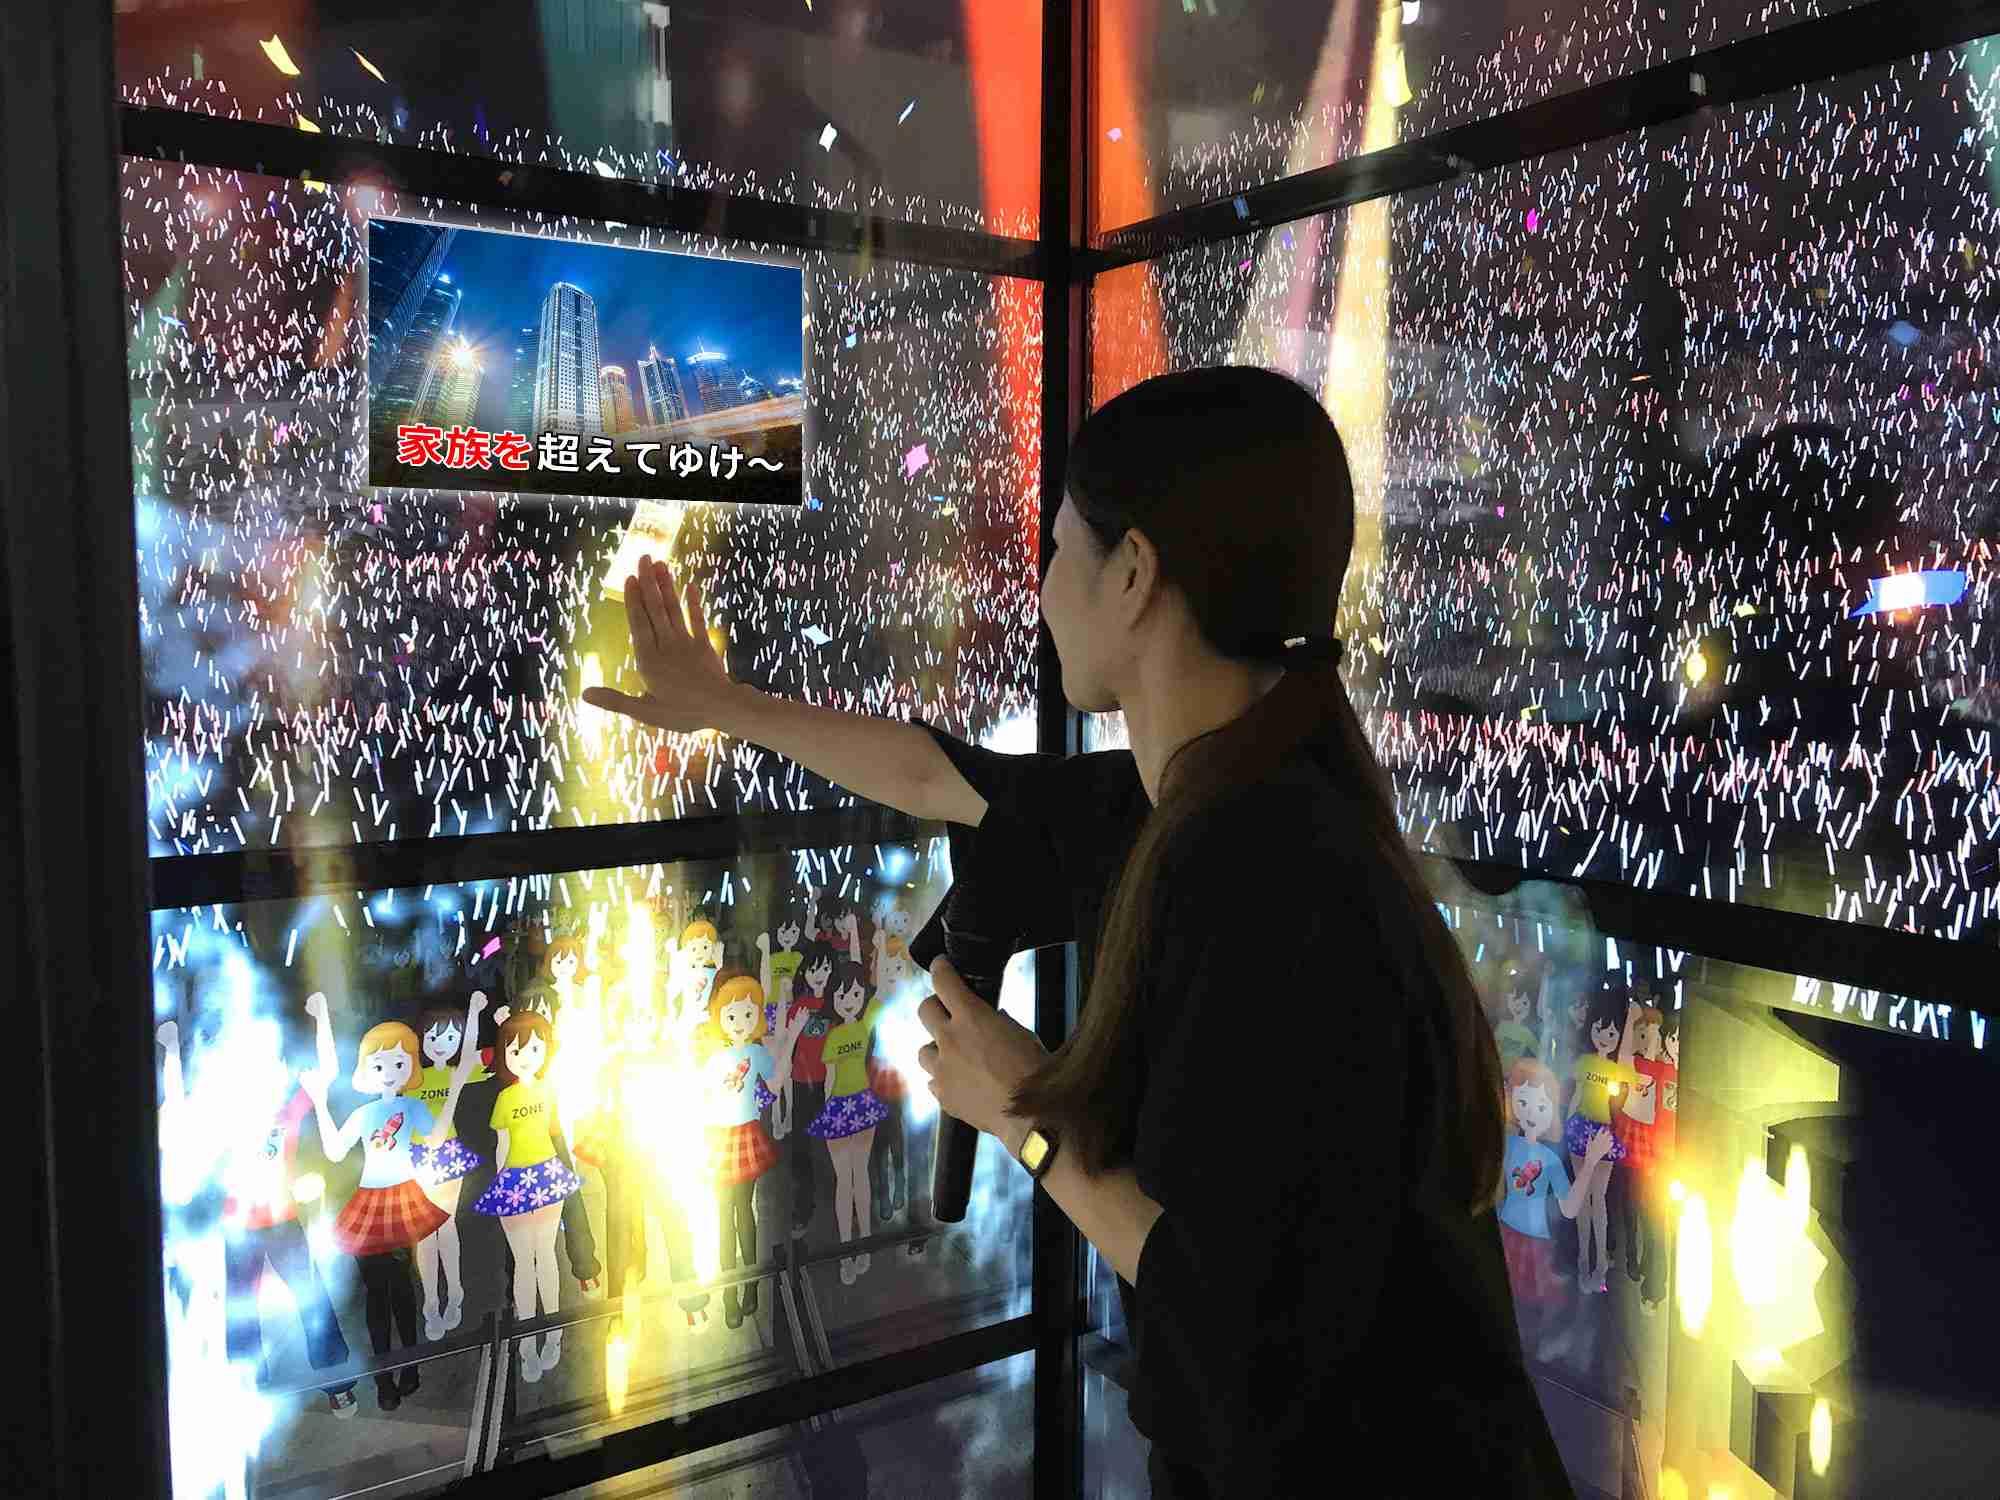 360度観客に囲まれ熱唱 VRで「超感覚カラオケ」 長崎県「変なホテル ハウステンボス」に登場